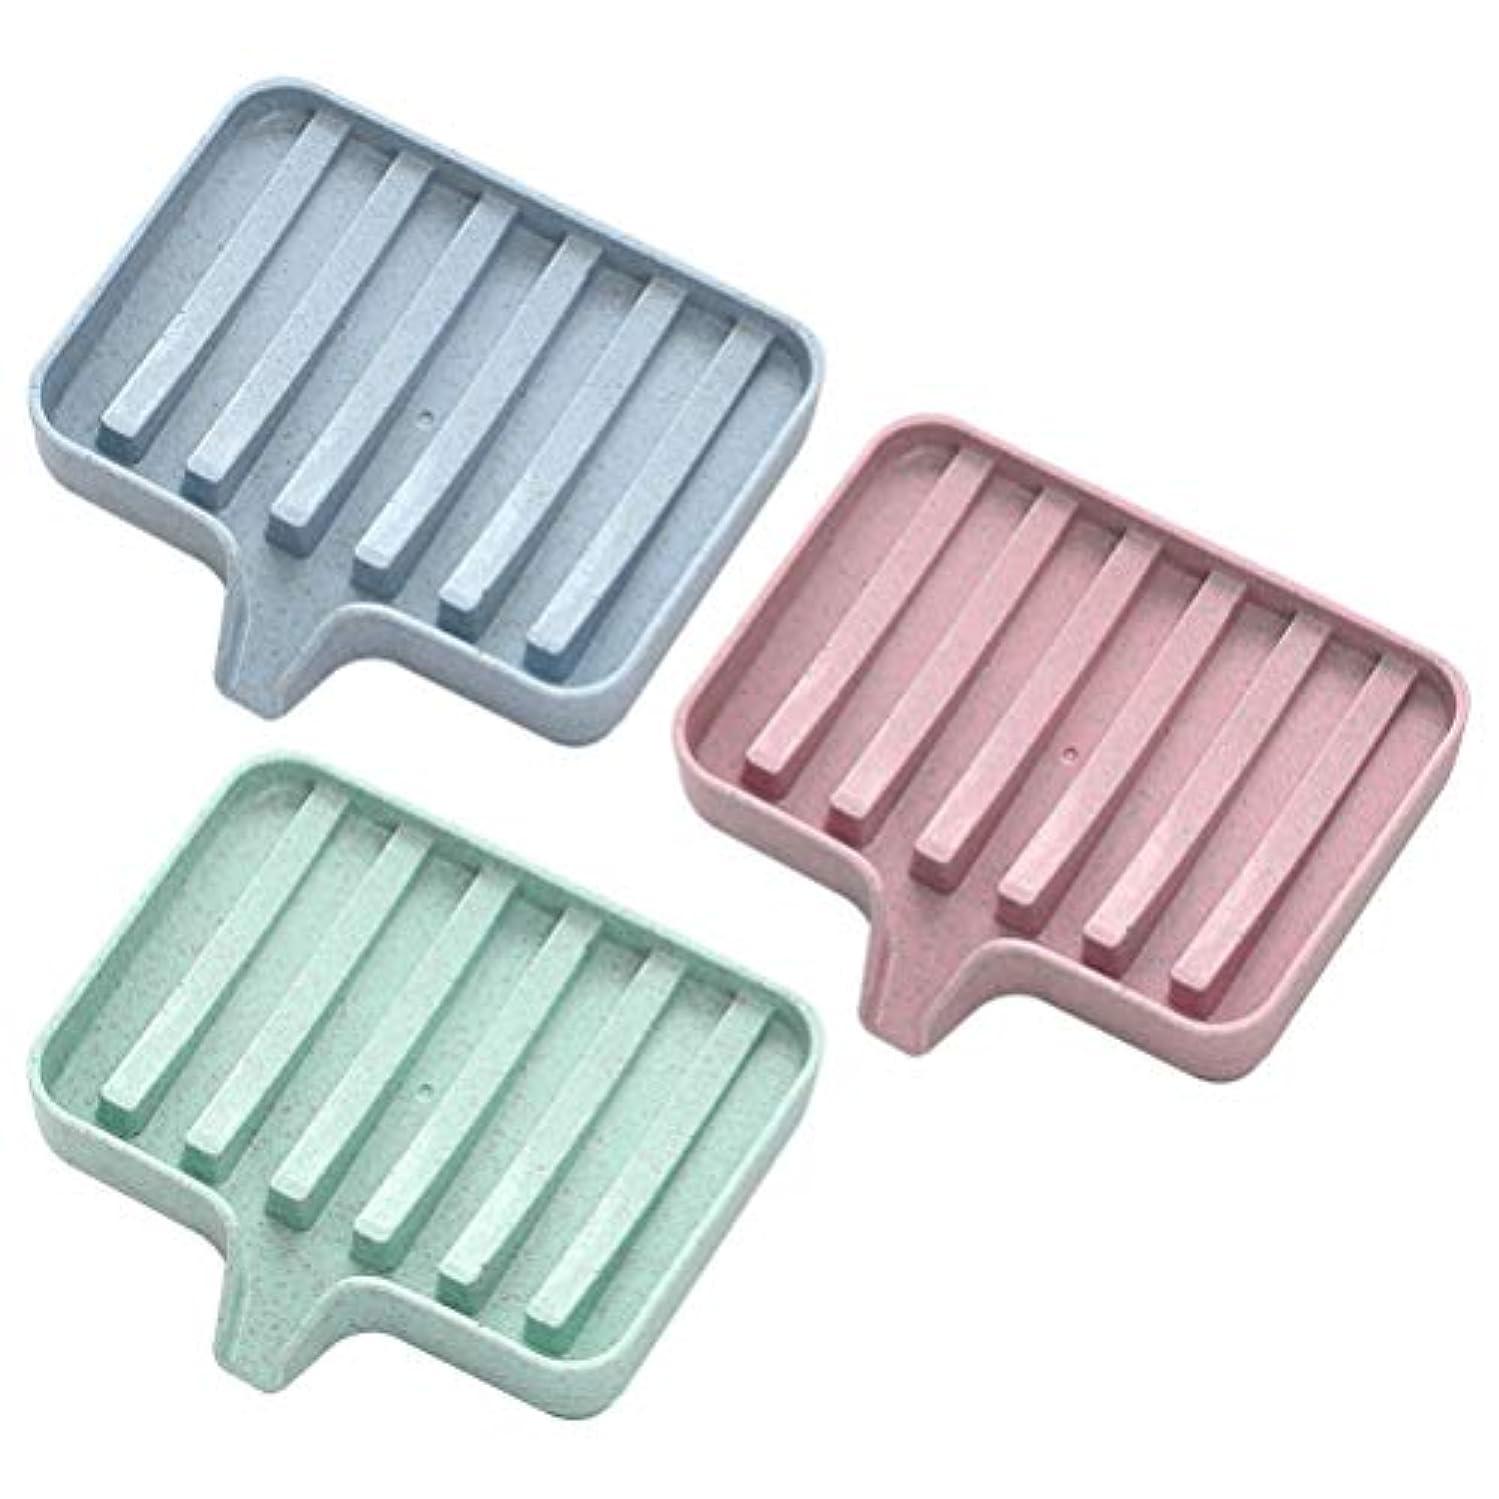 報酬シールド受動的ROSENICE ソリッドカラーソープディッシュソープボックスホルダードレイン3pcs(ピンク+グリーン+ブルー)